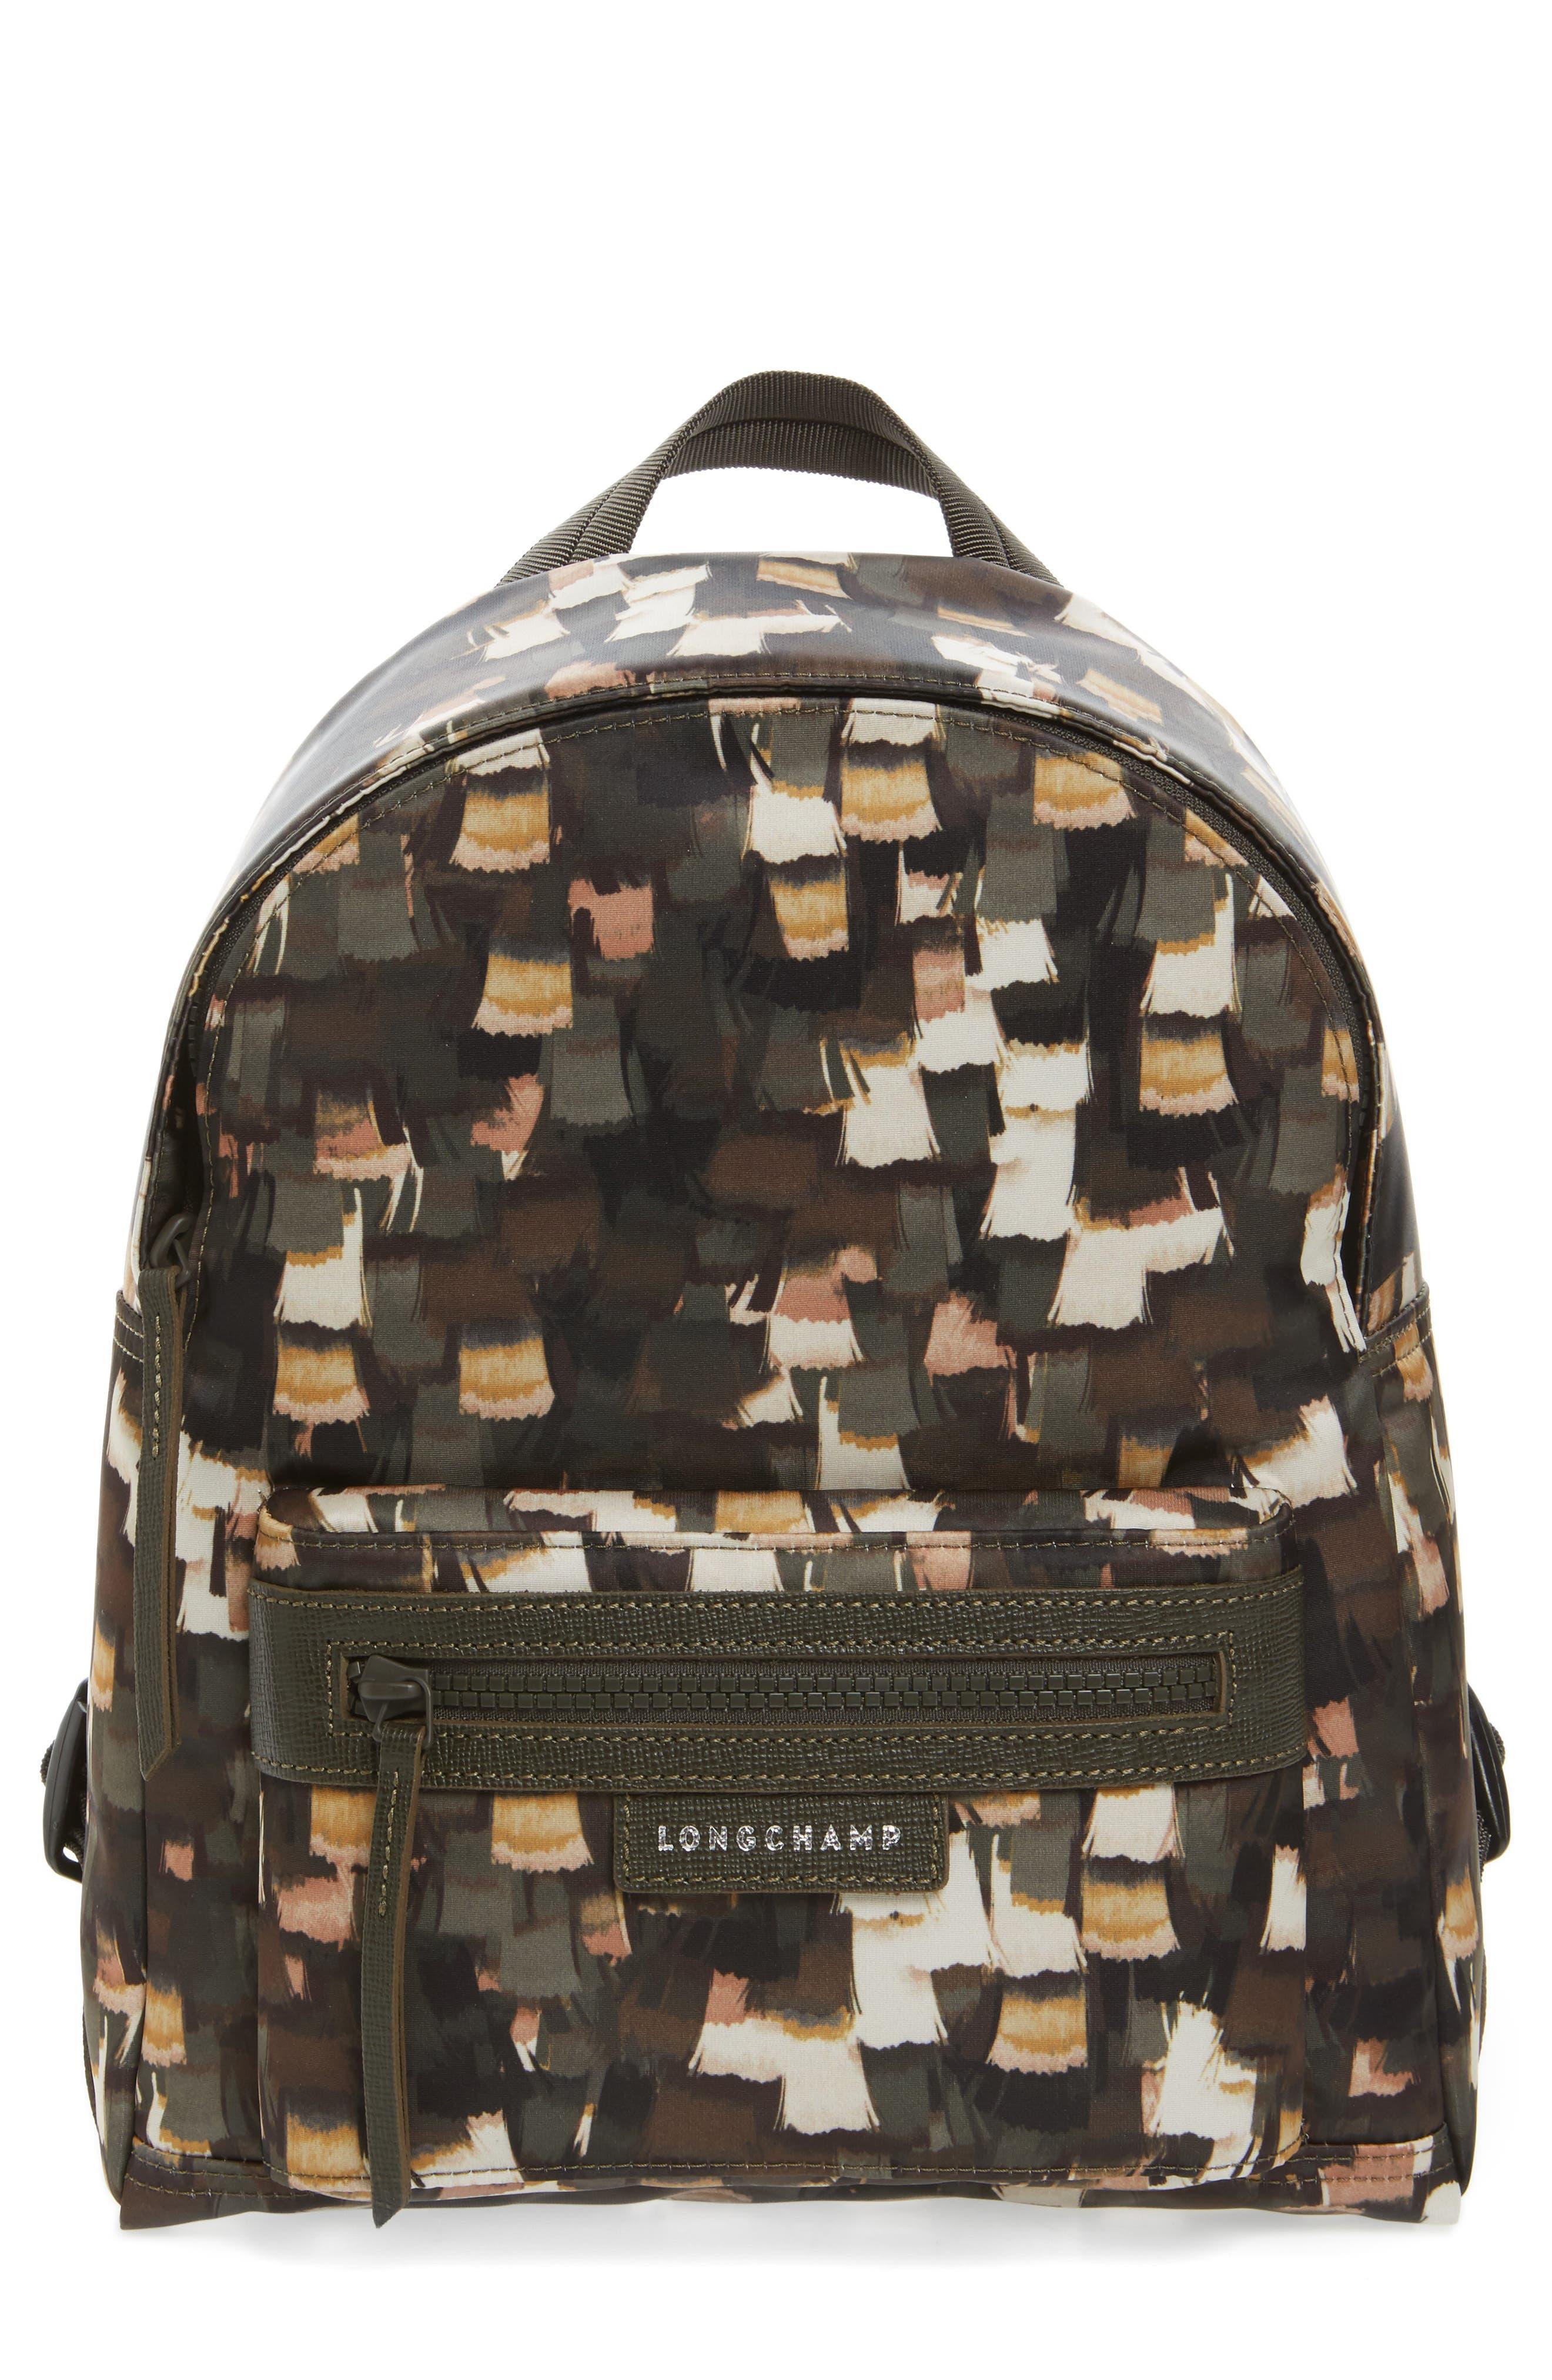 Longchamp Le Pliage Neo - Vibrations Nylon Backpack